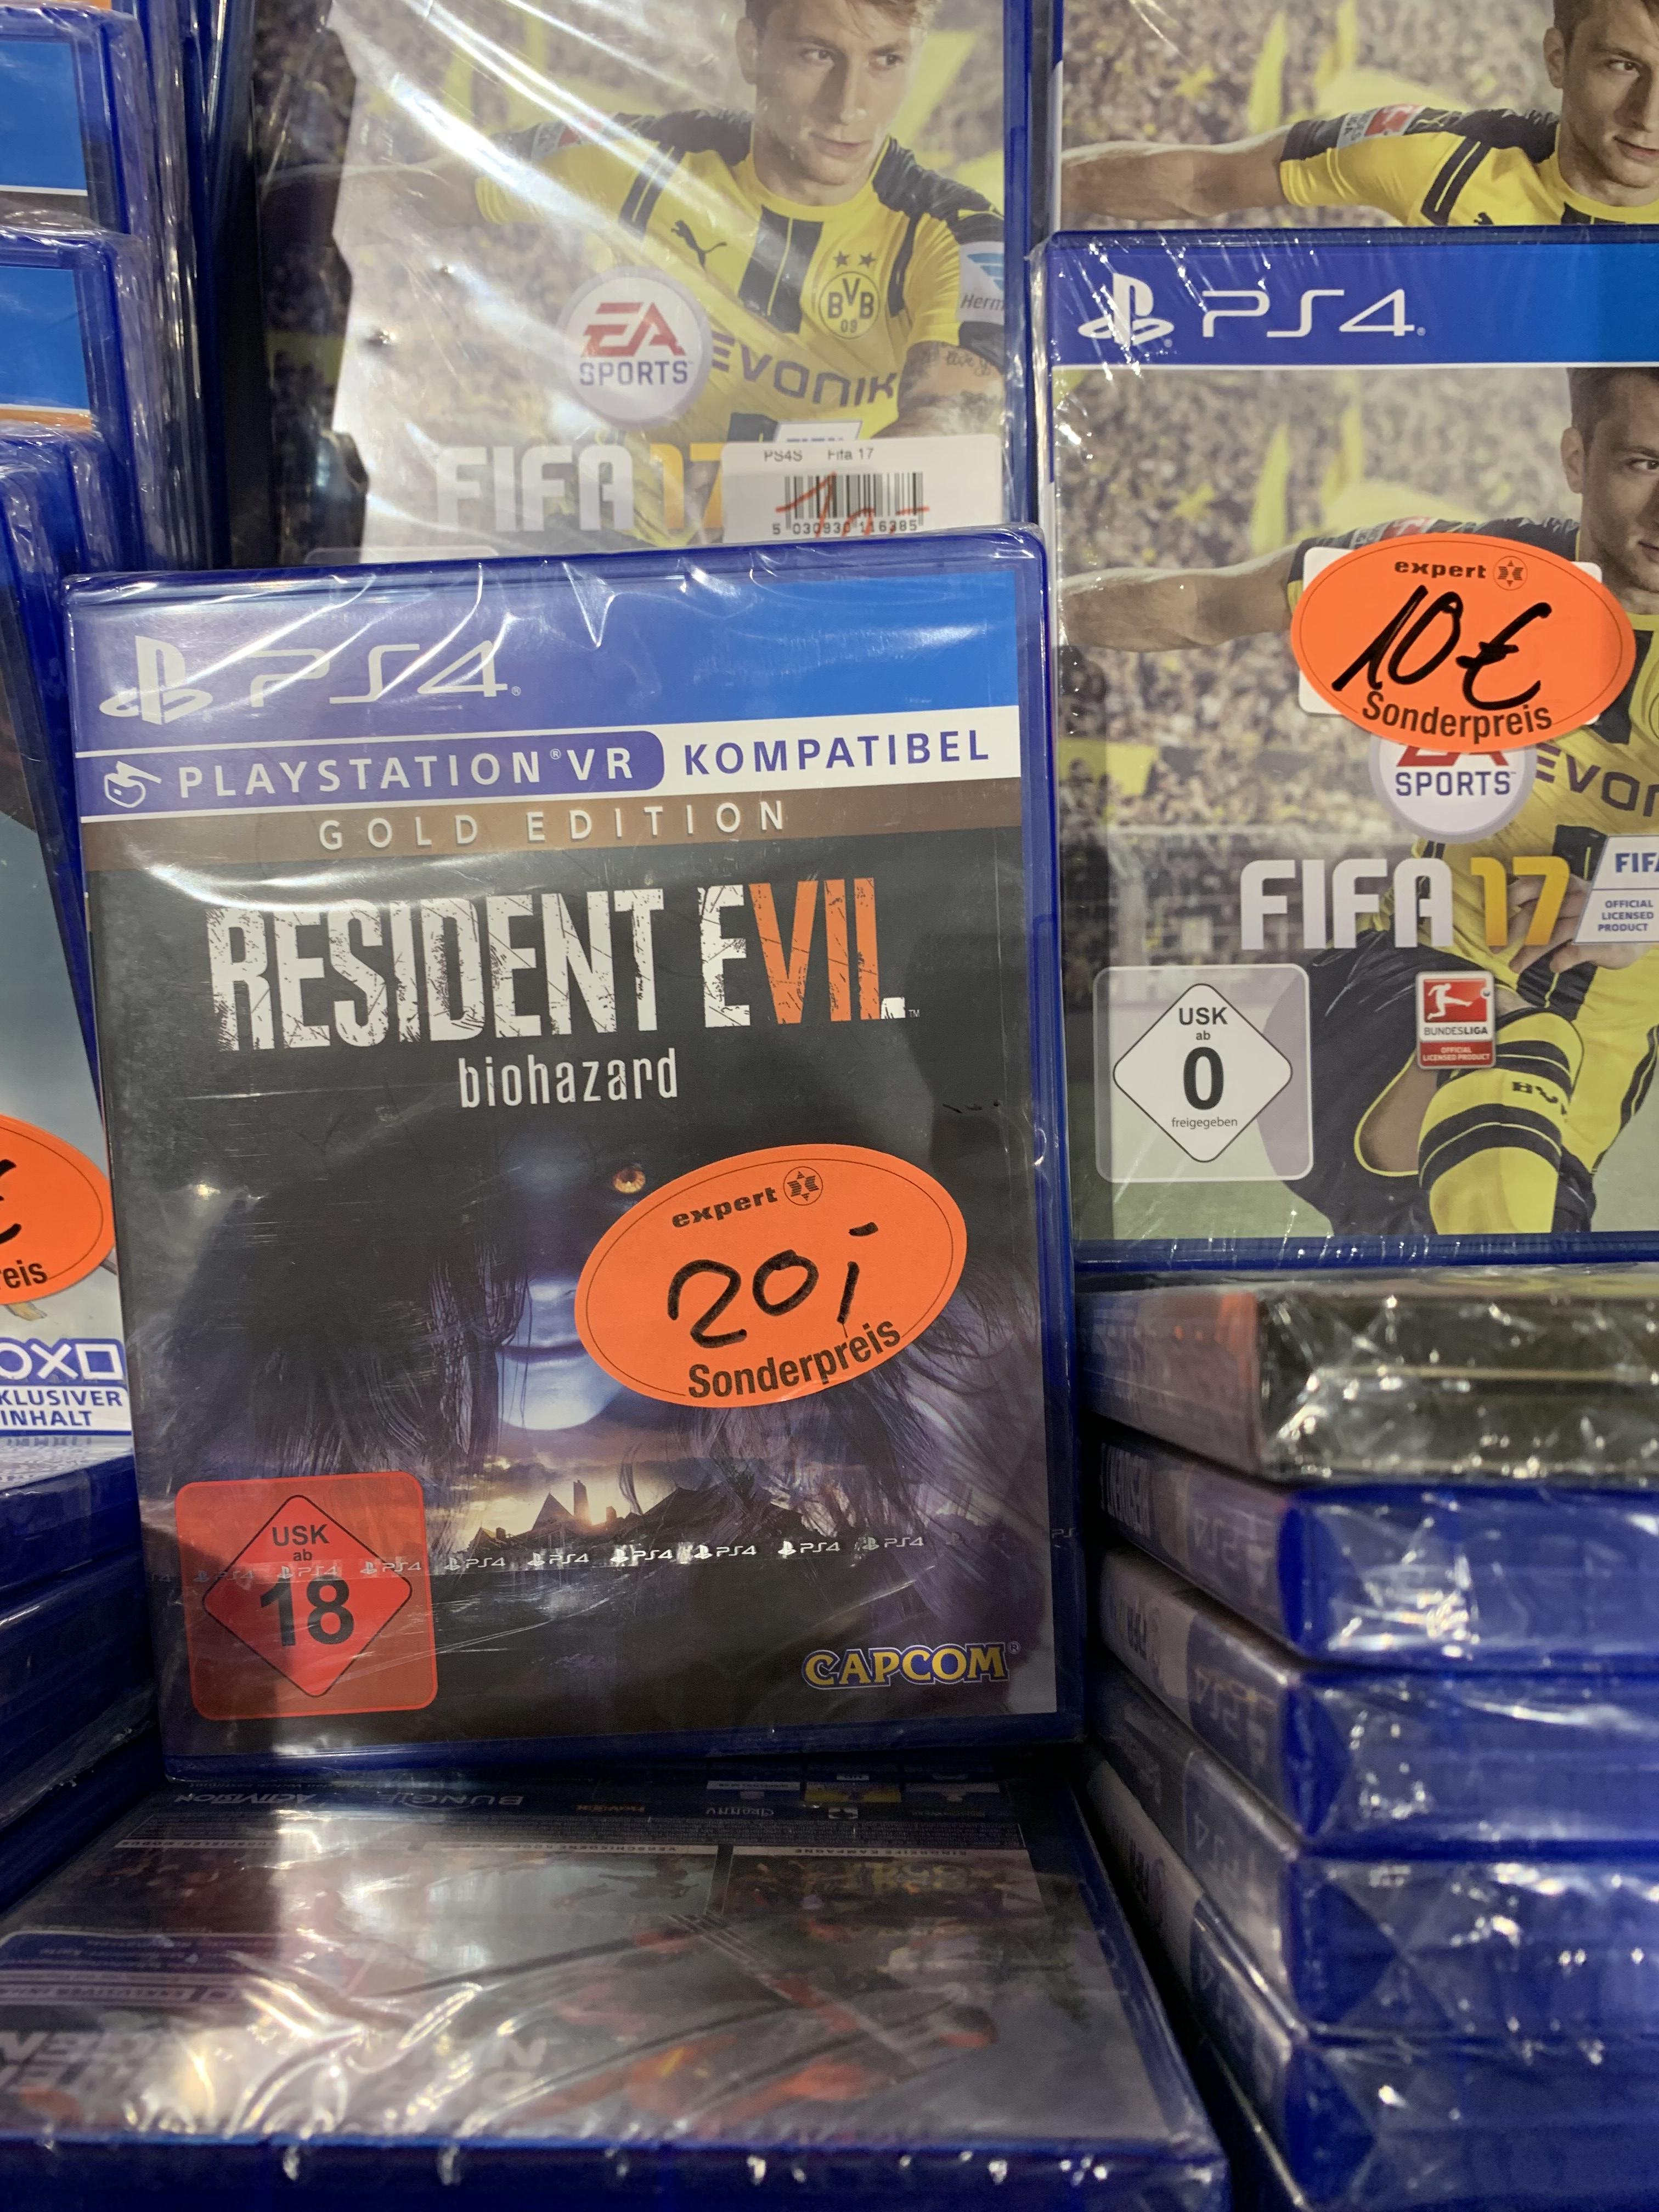 [Regional Lüneburg Expert Bening] Resident Evil 7 Gold Edition PS4